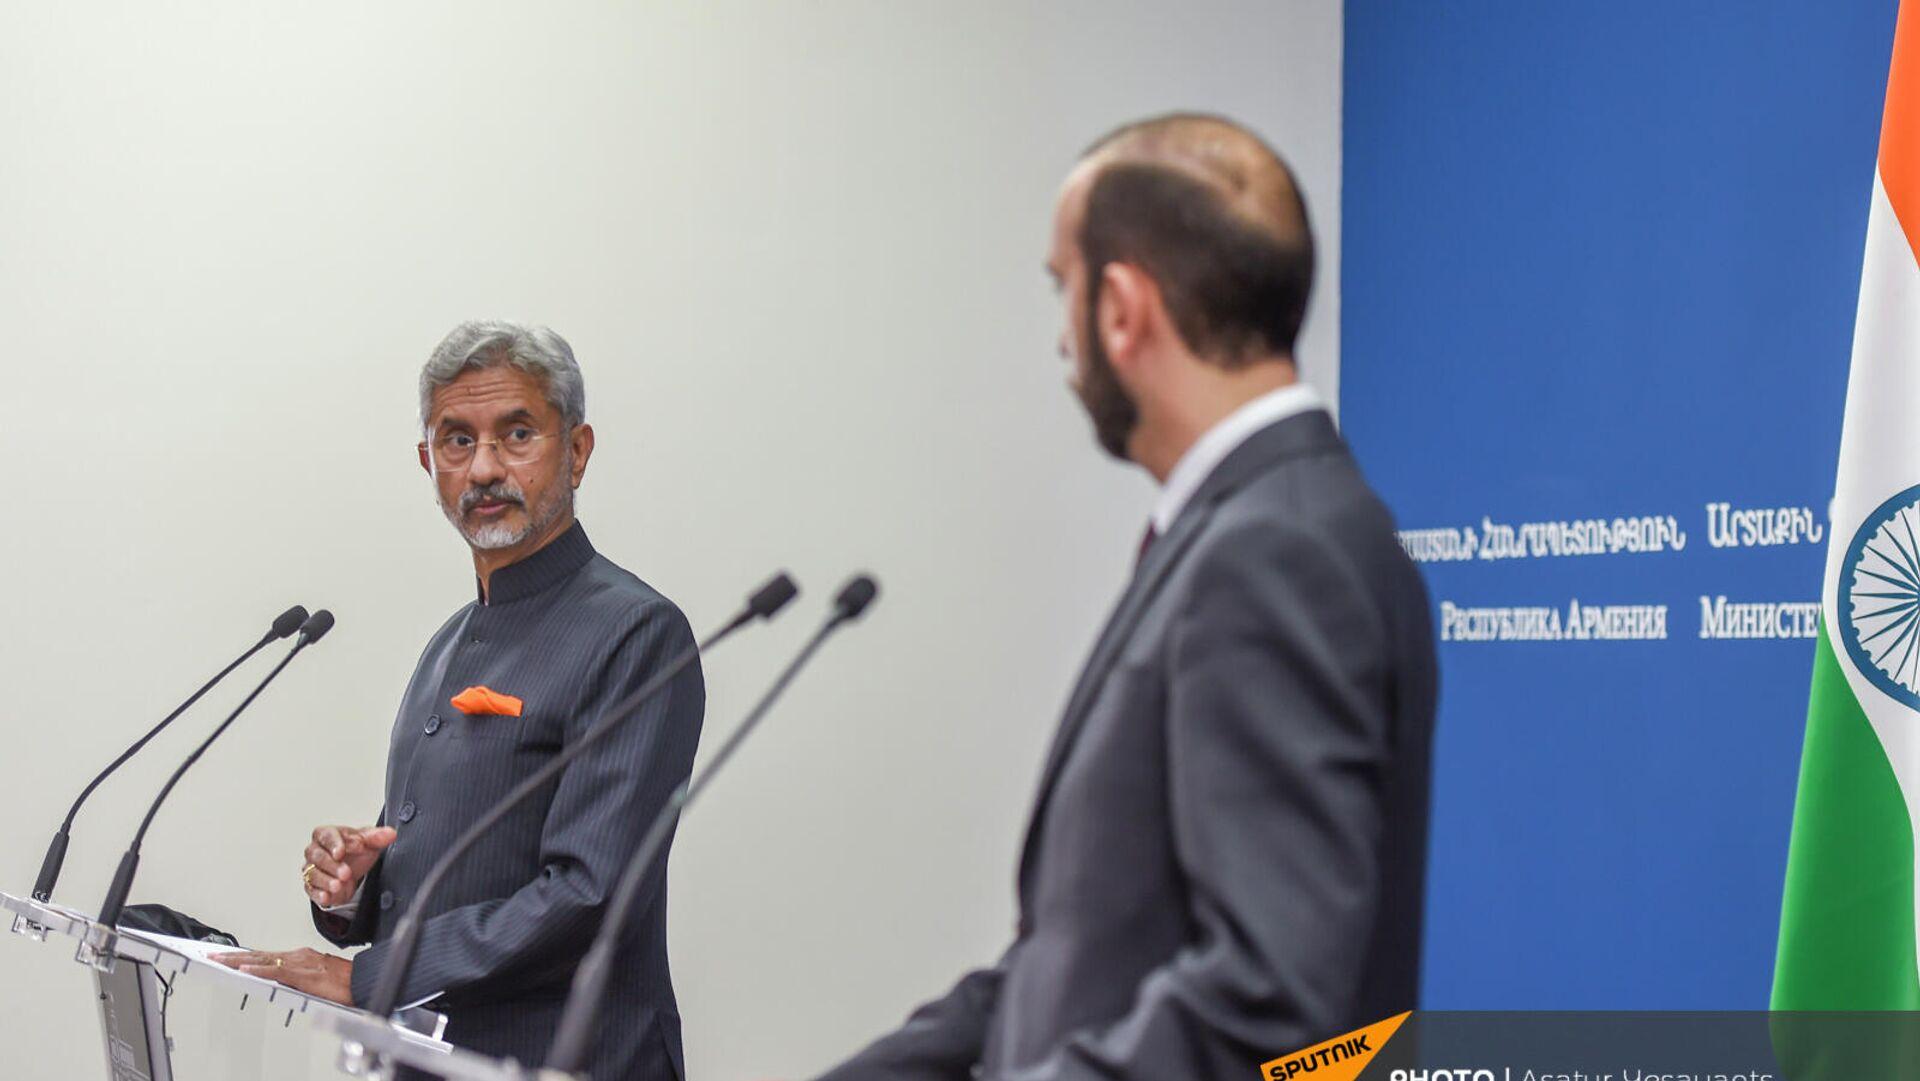 Հայաստանի և Հնդկաստանի ԱԳ նախարարների հանդիպումը - Sputnik Արմենիա, 1920, 15.10.2021